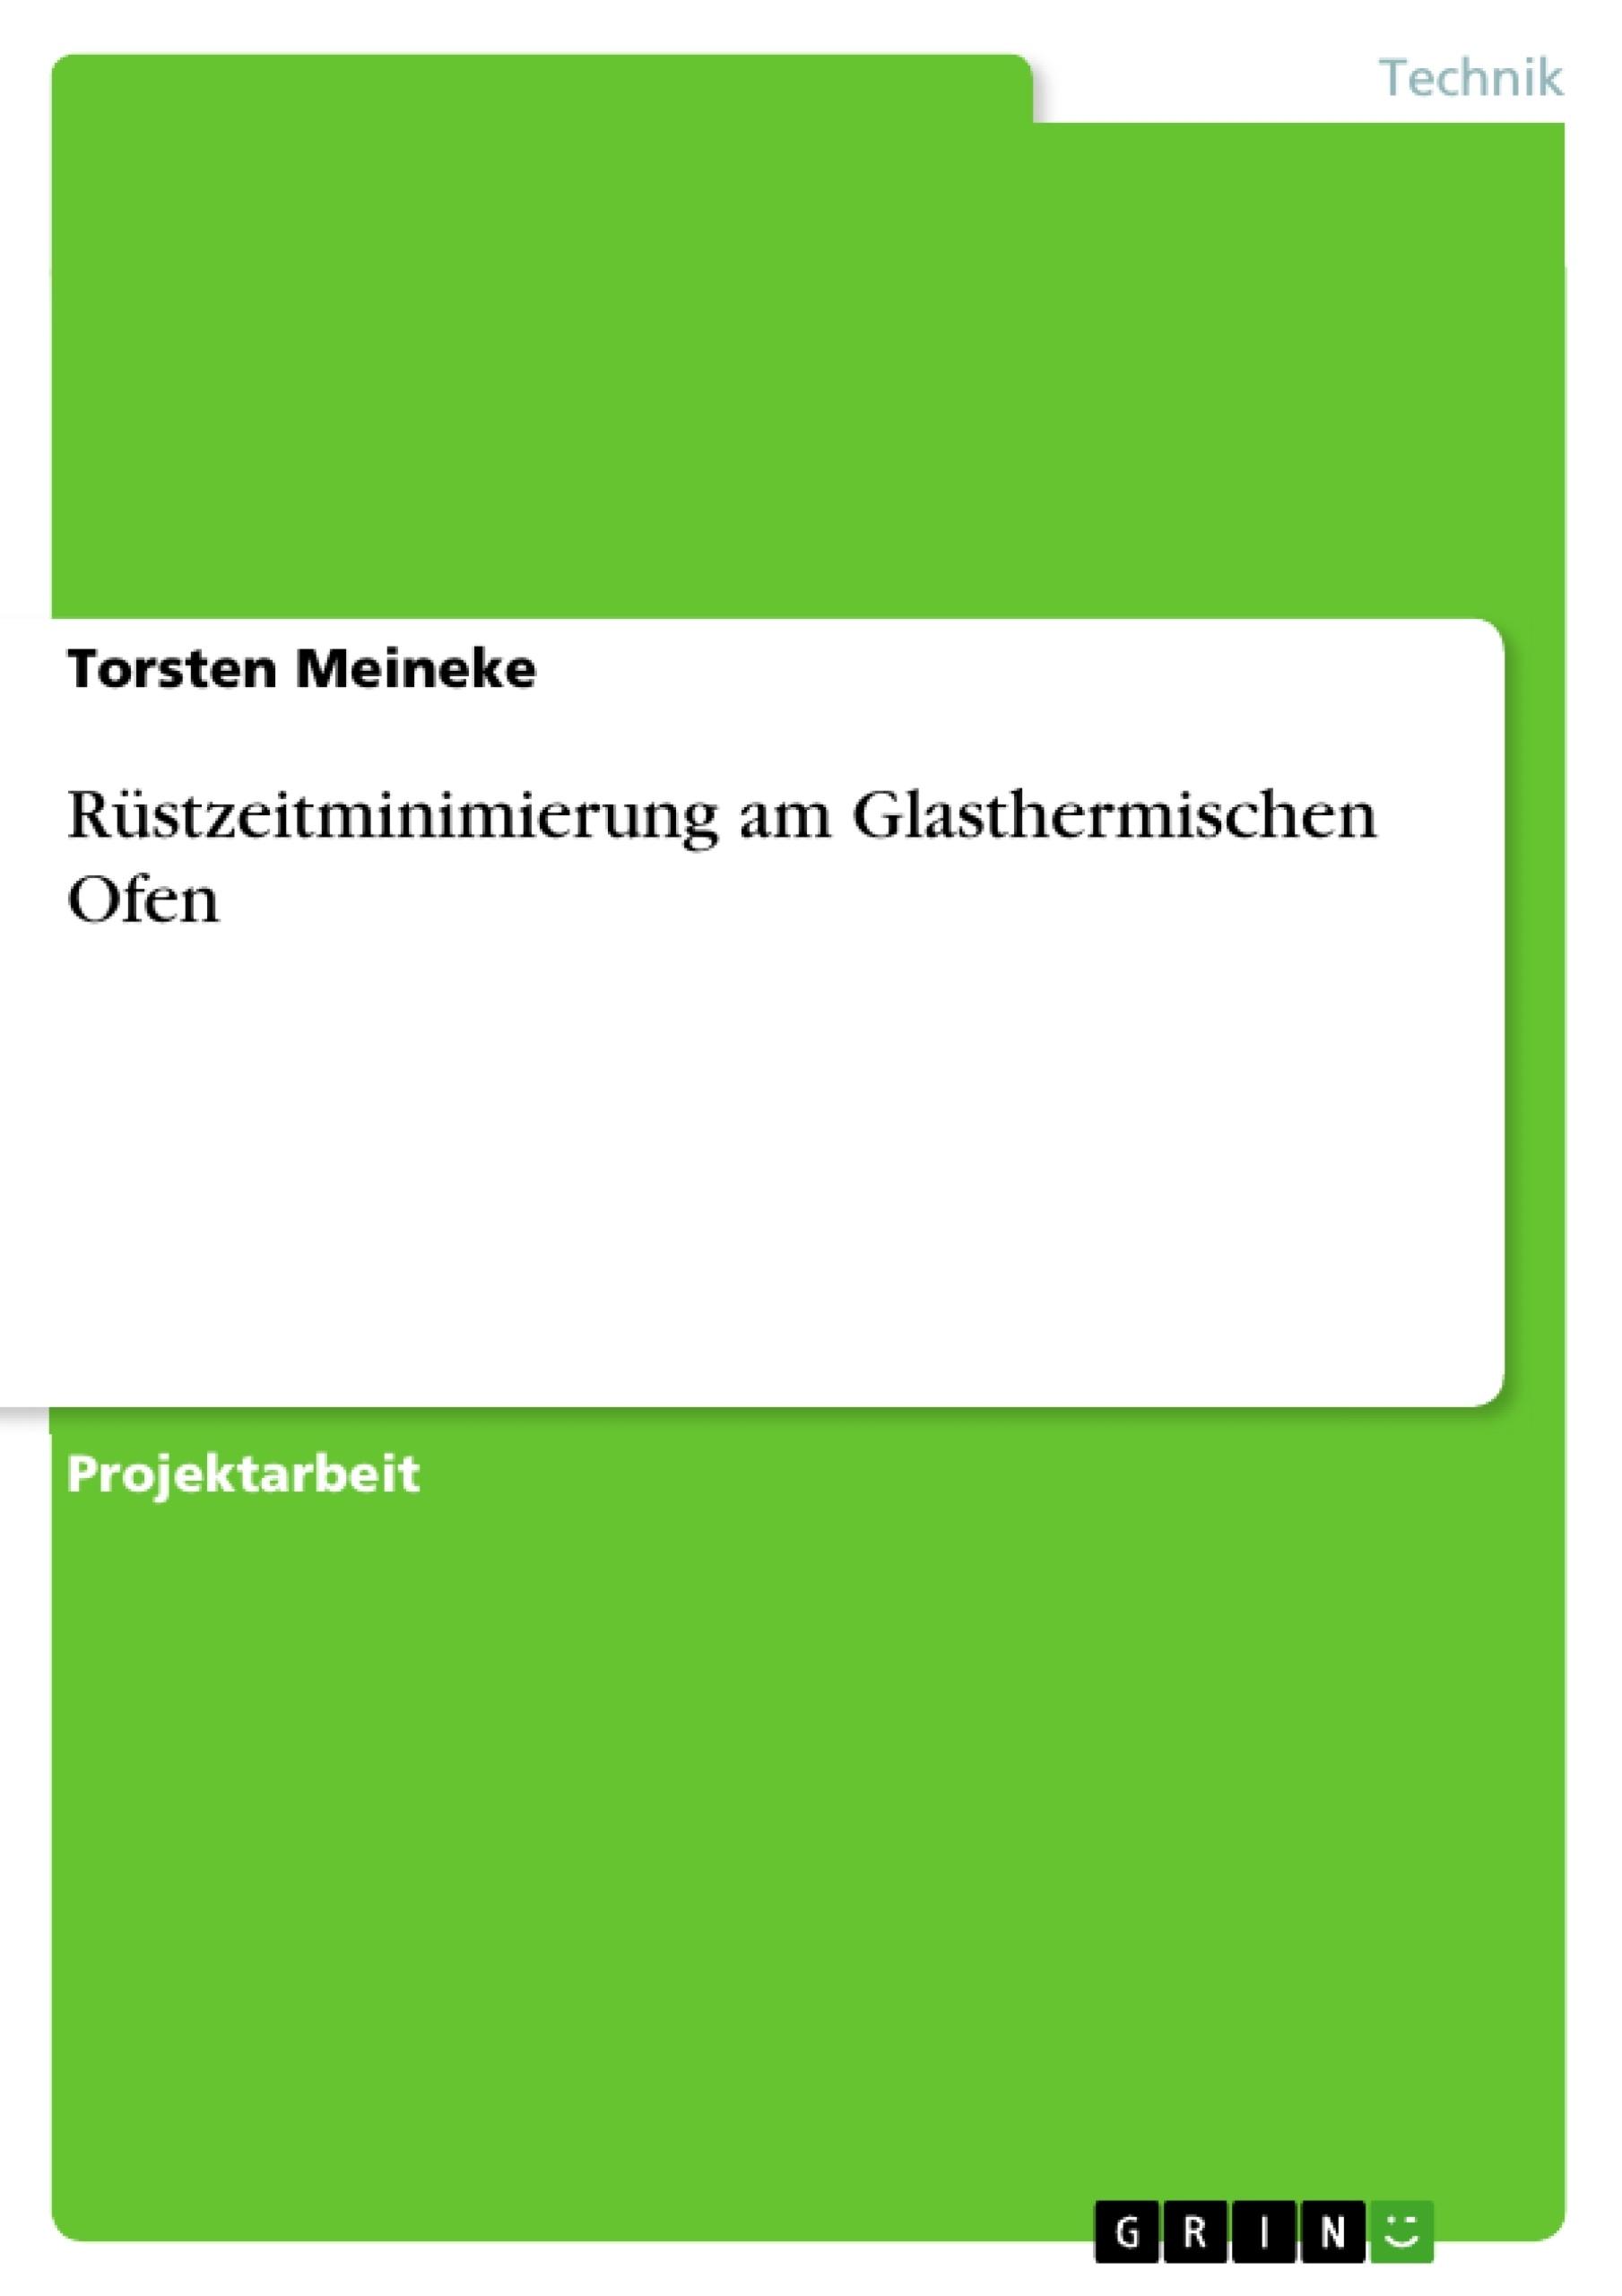 Titel: Rüstzeitminimierung am Glasthermischen Ofen